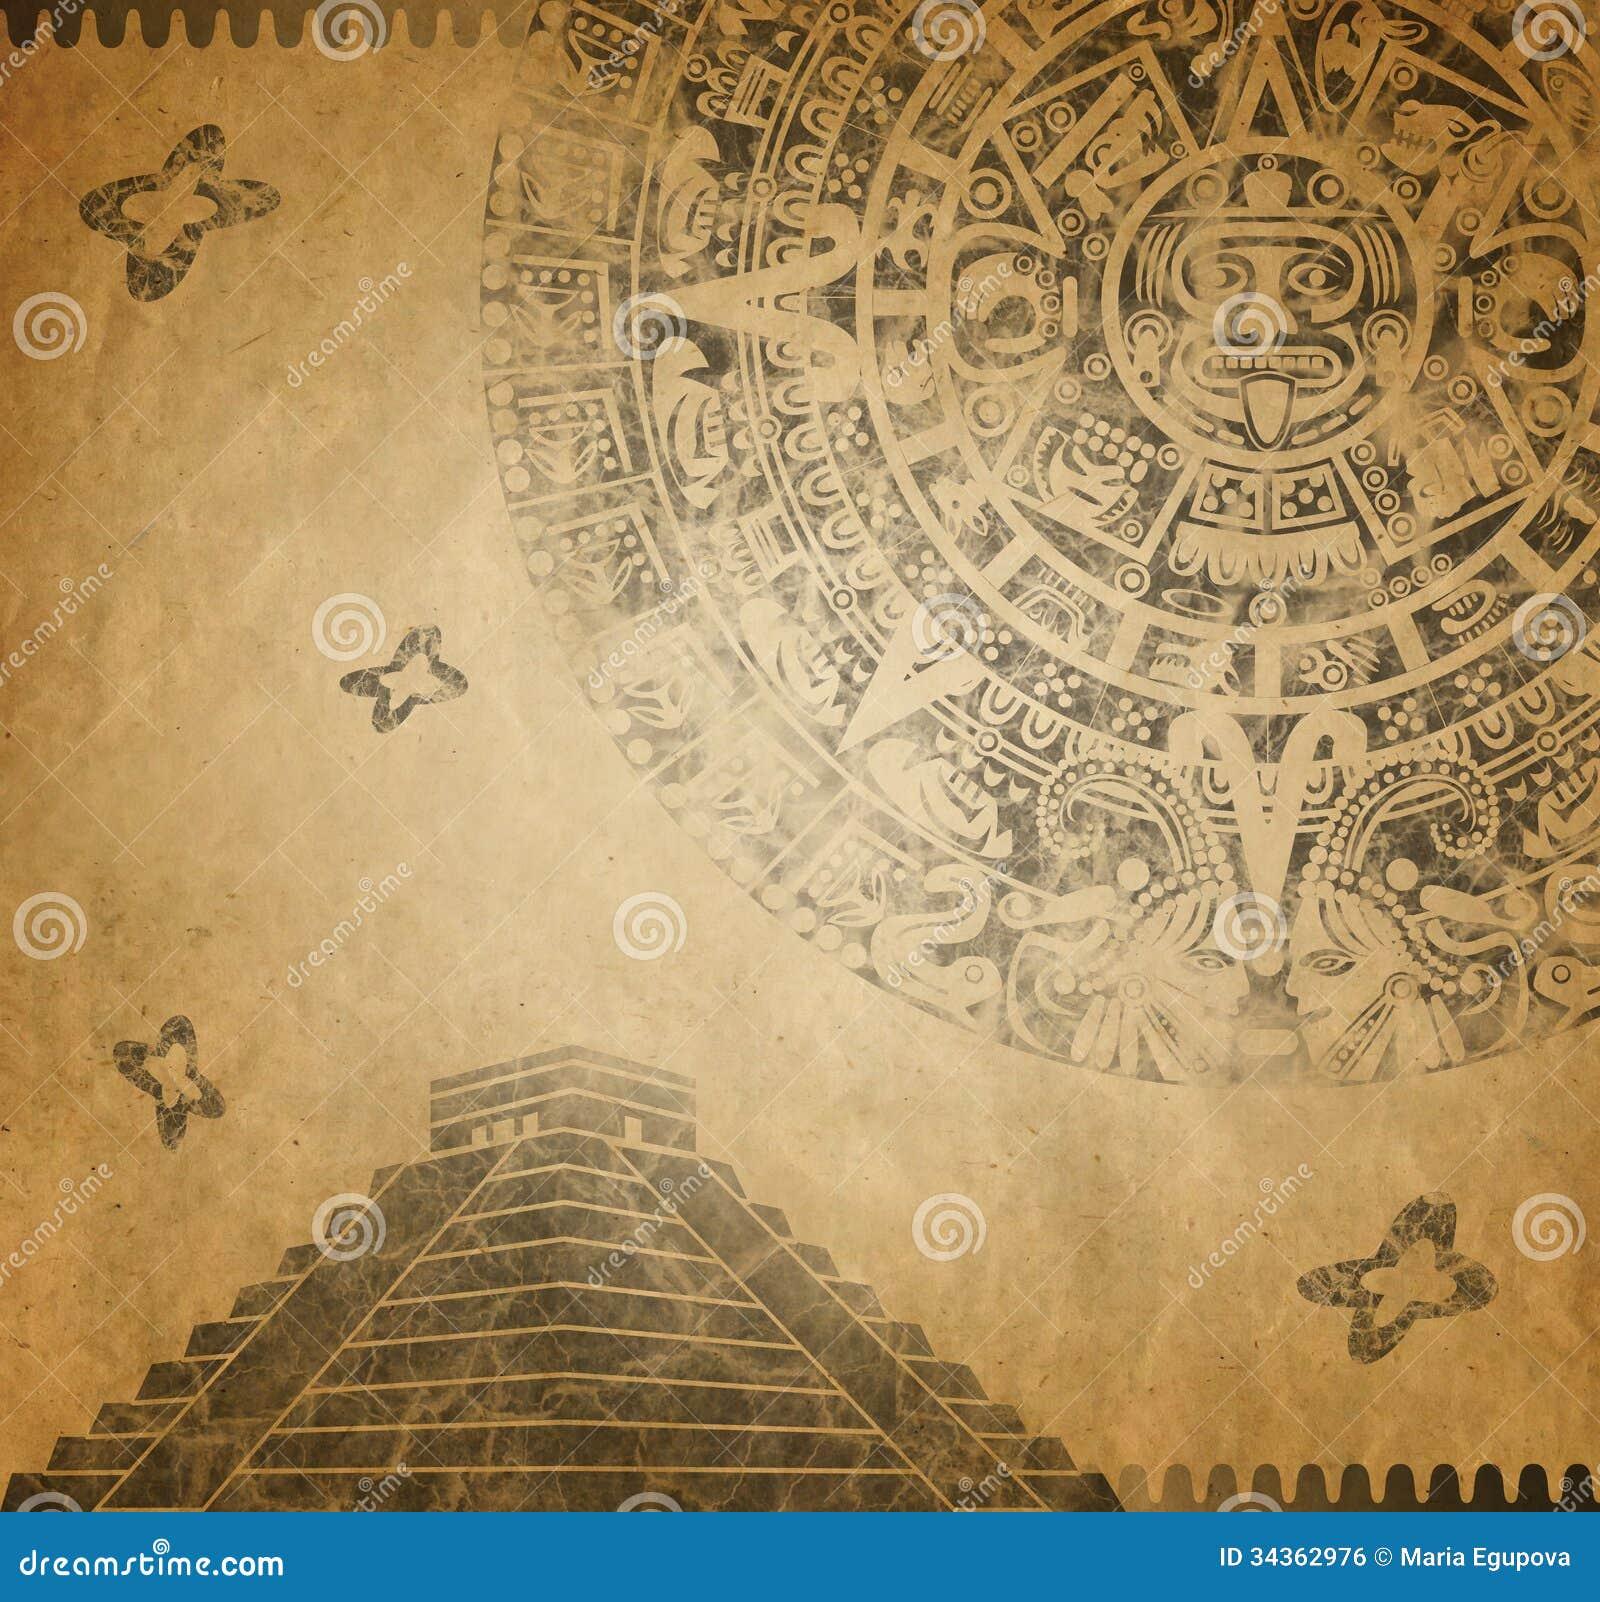 mayan calendar wallpaper